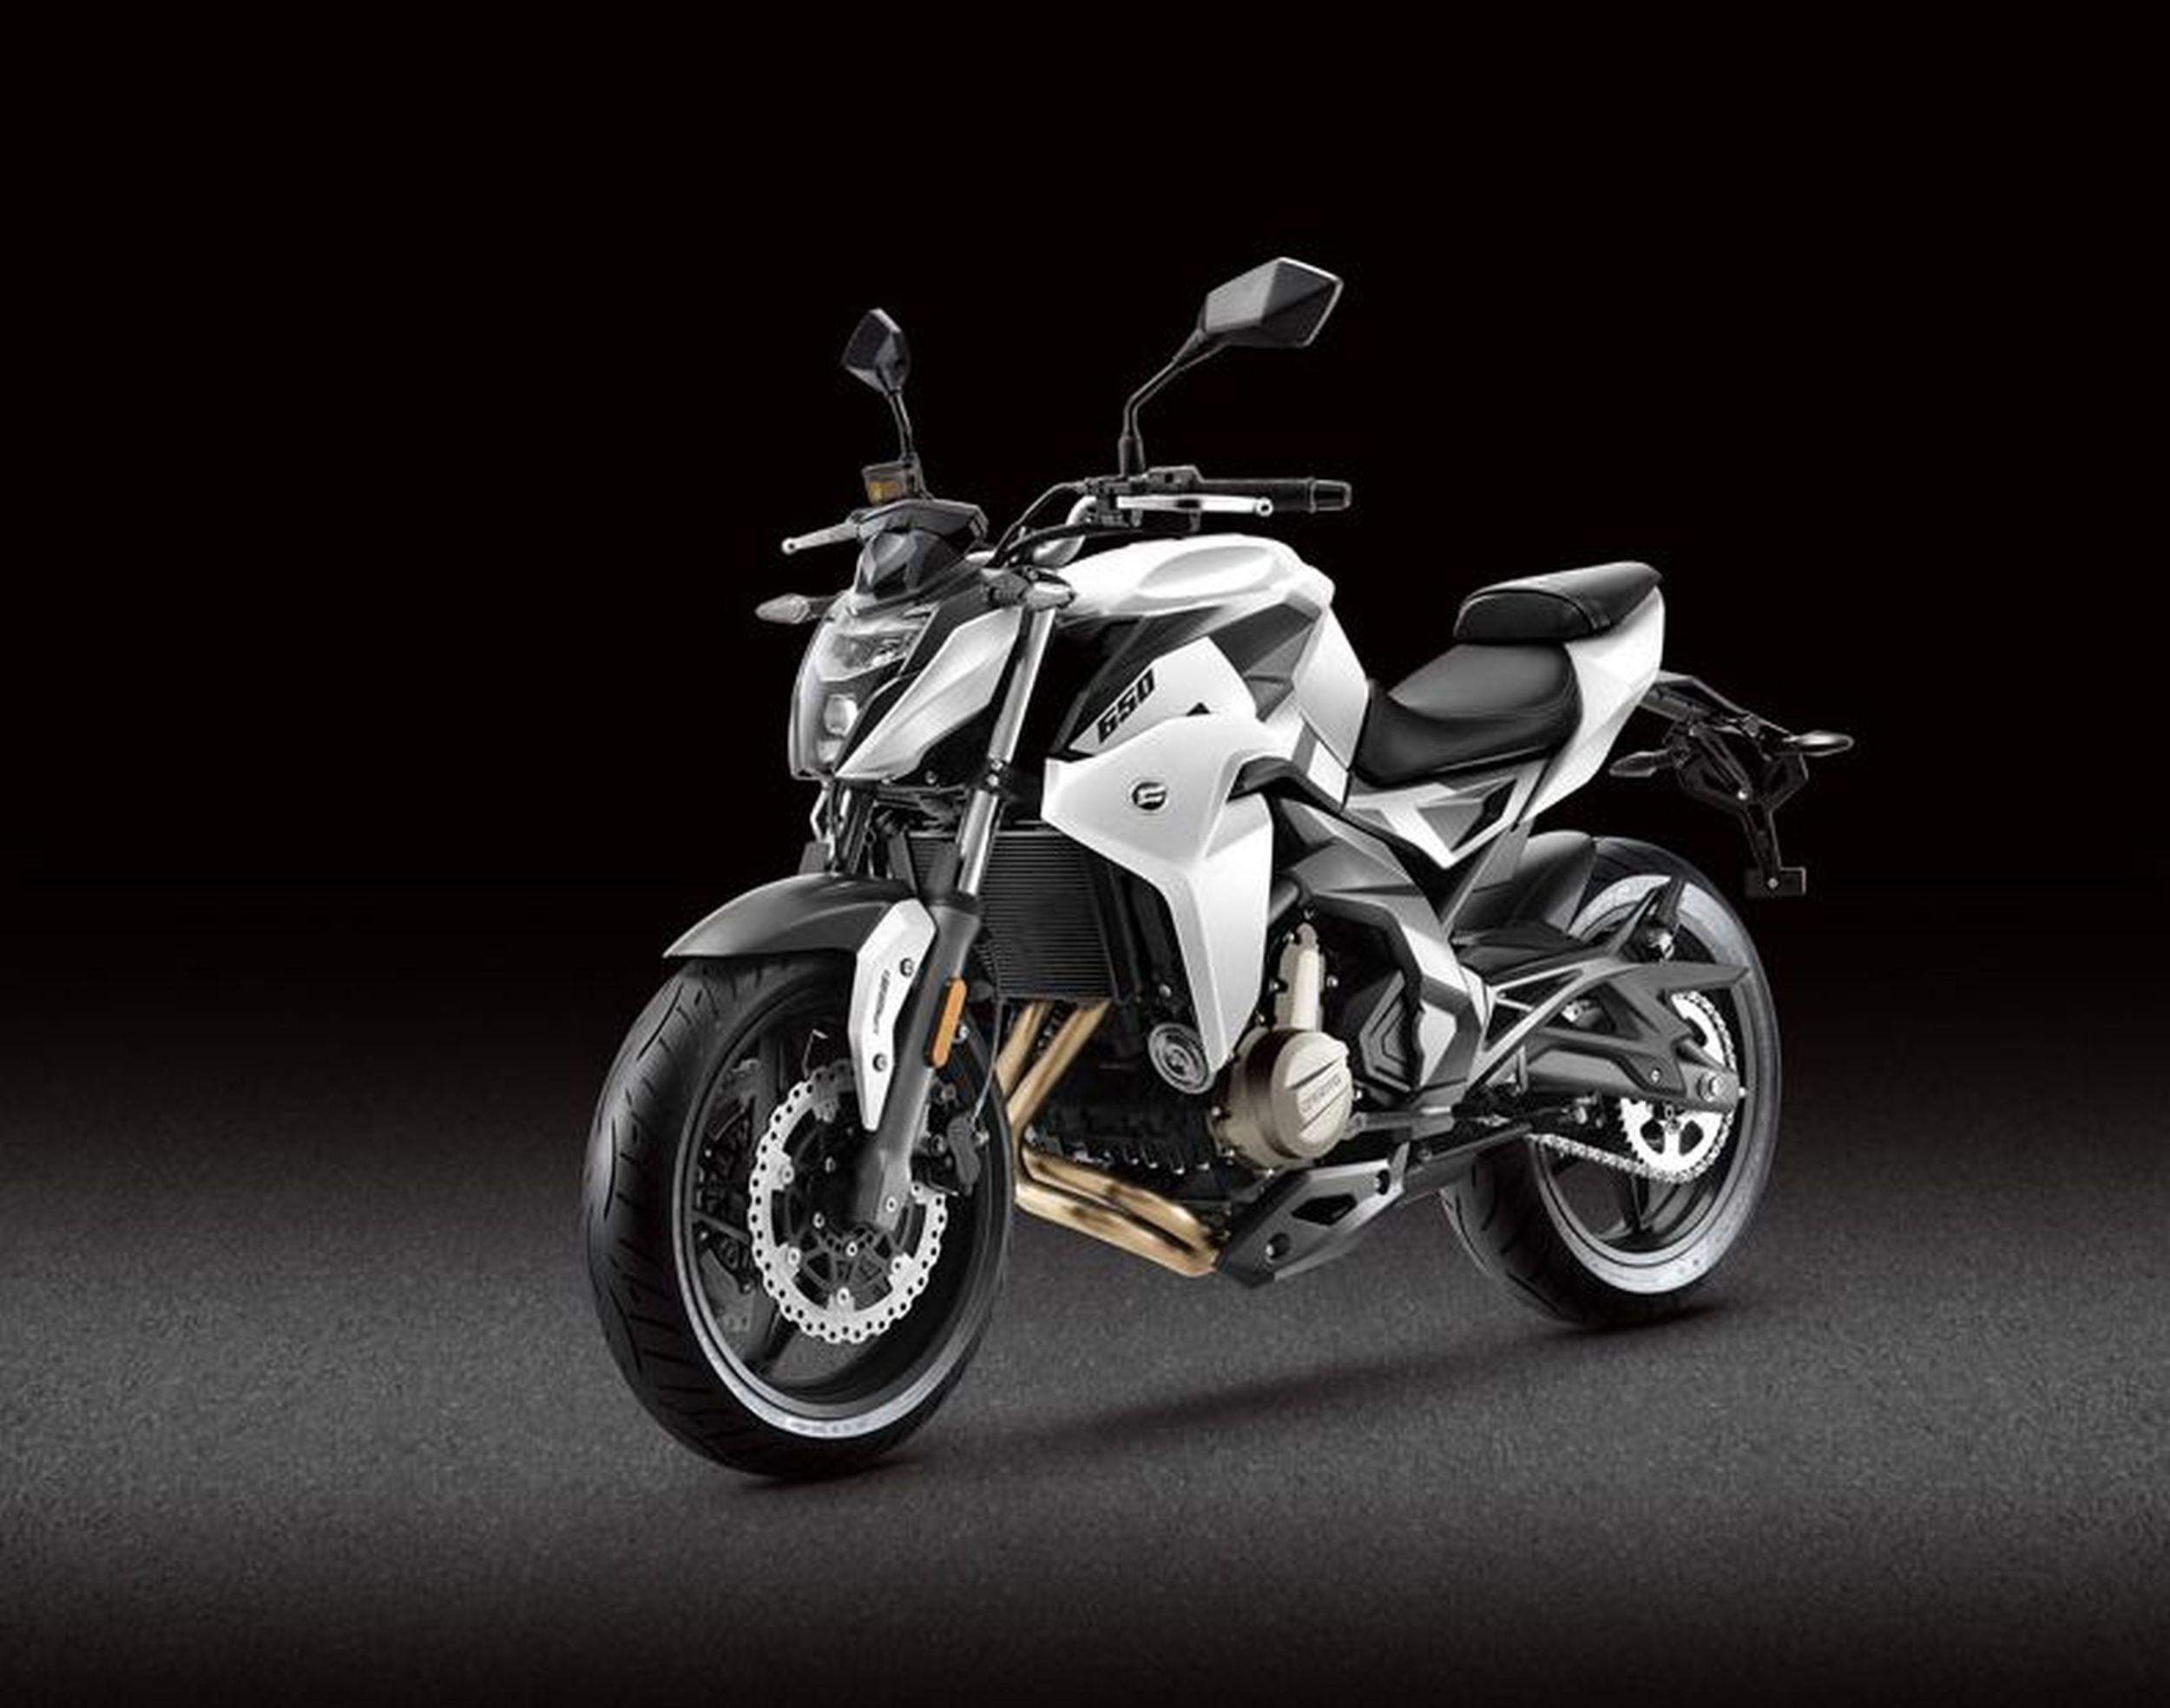 Gebrauchte CF-Moto 650 NK Motorräder kaufen